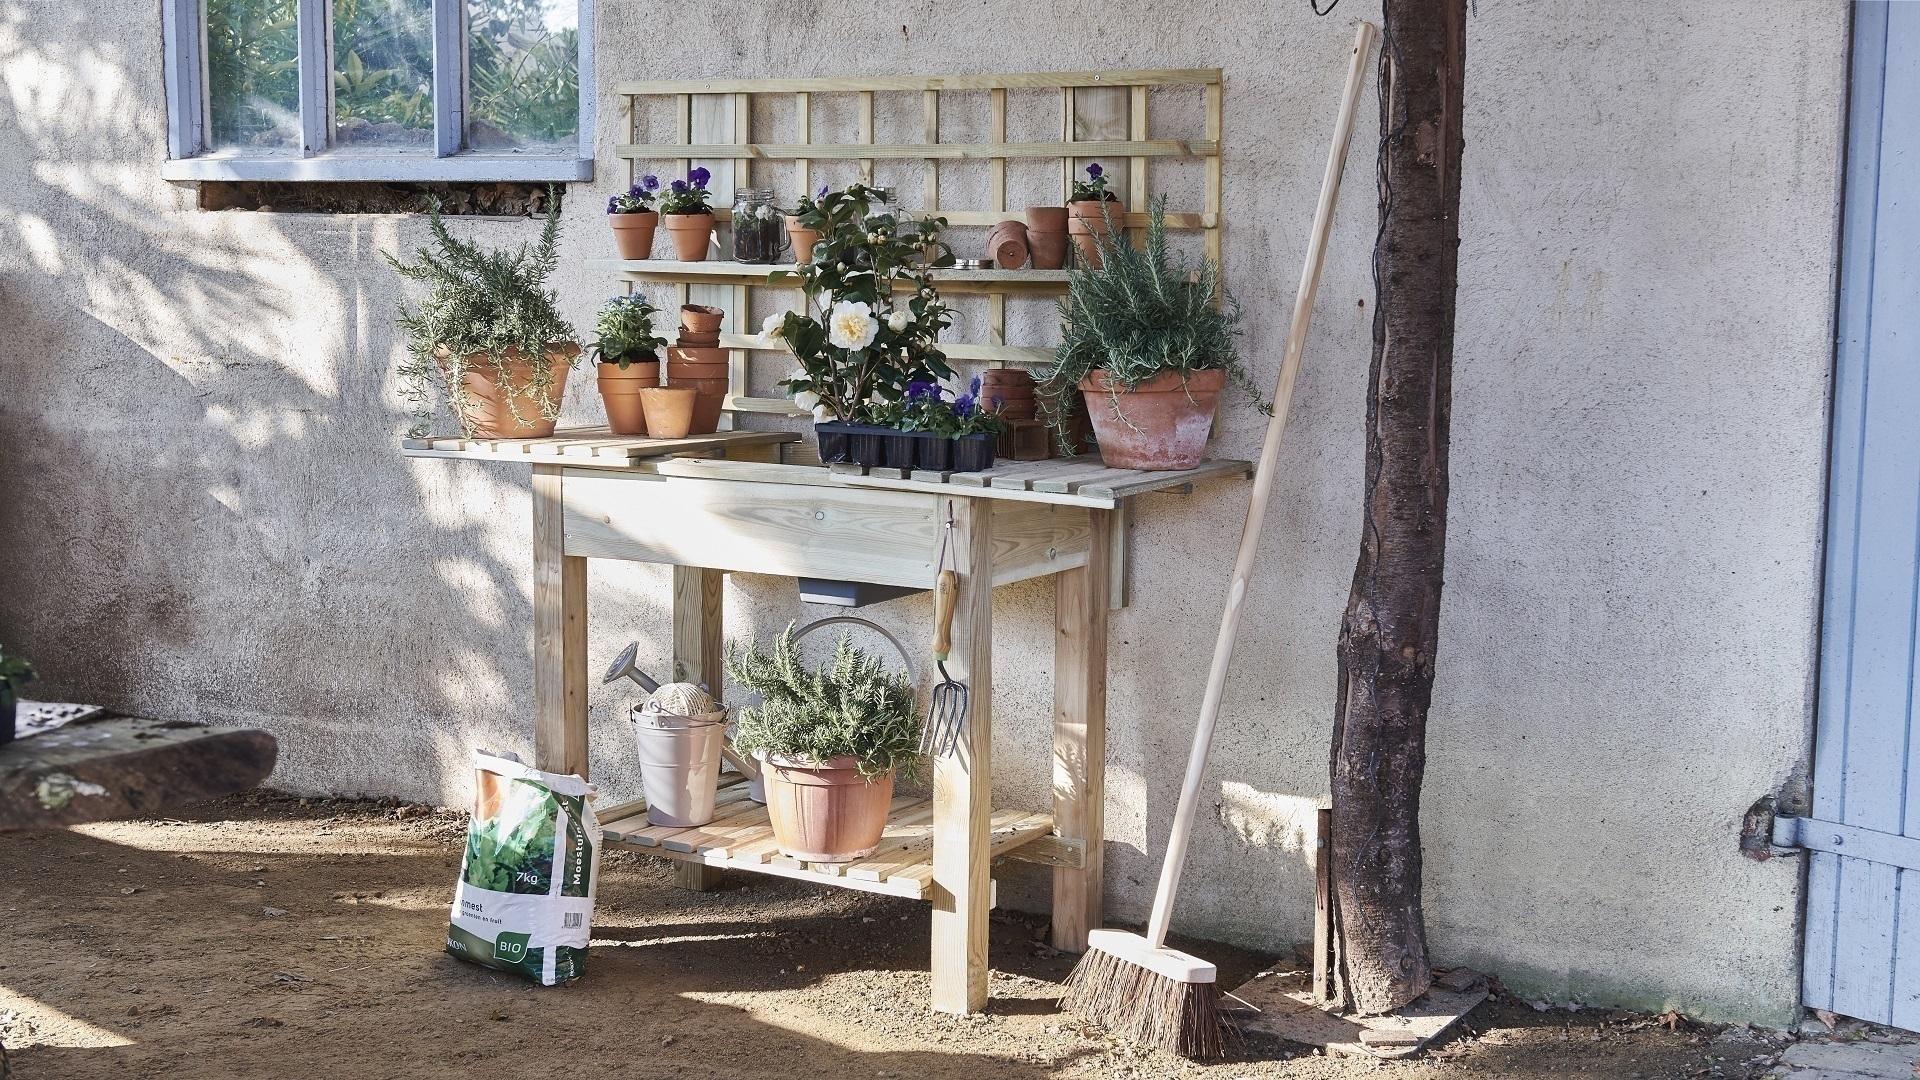 Verhoogd Toilet Praxis : Alles voor een mooie tuin sfeervol buitenleven praxis